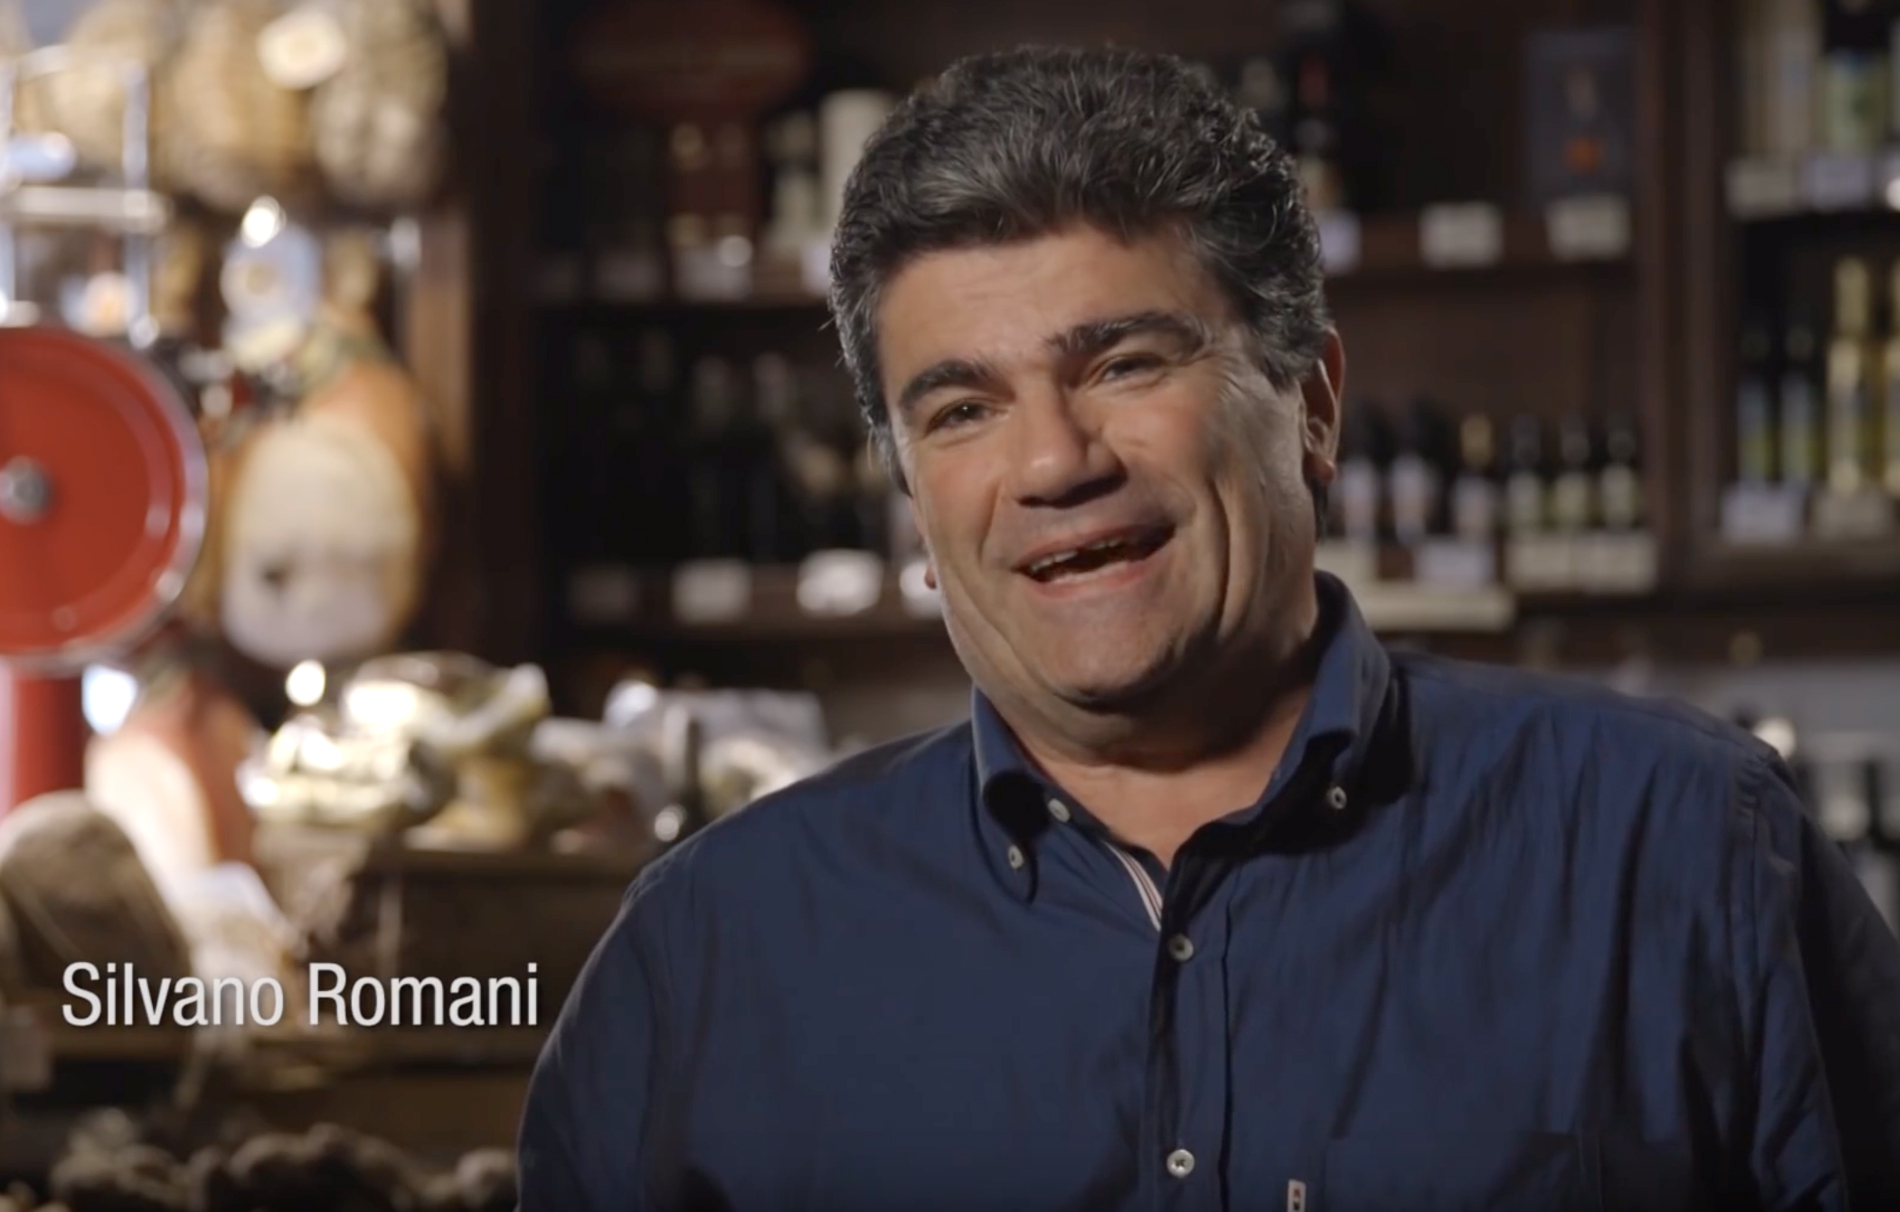 Silvano Romani Video